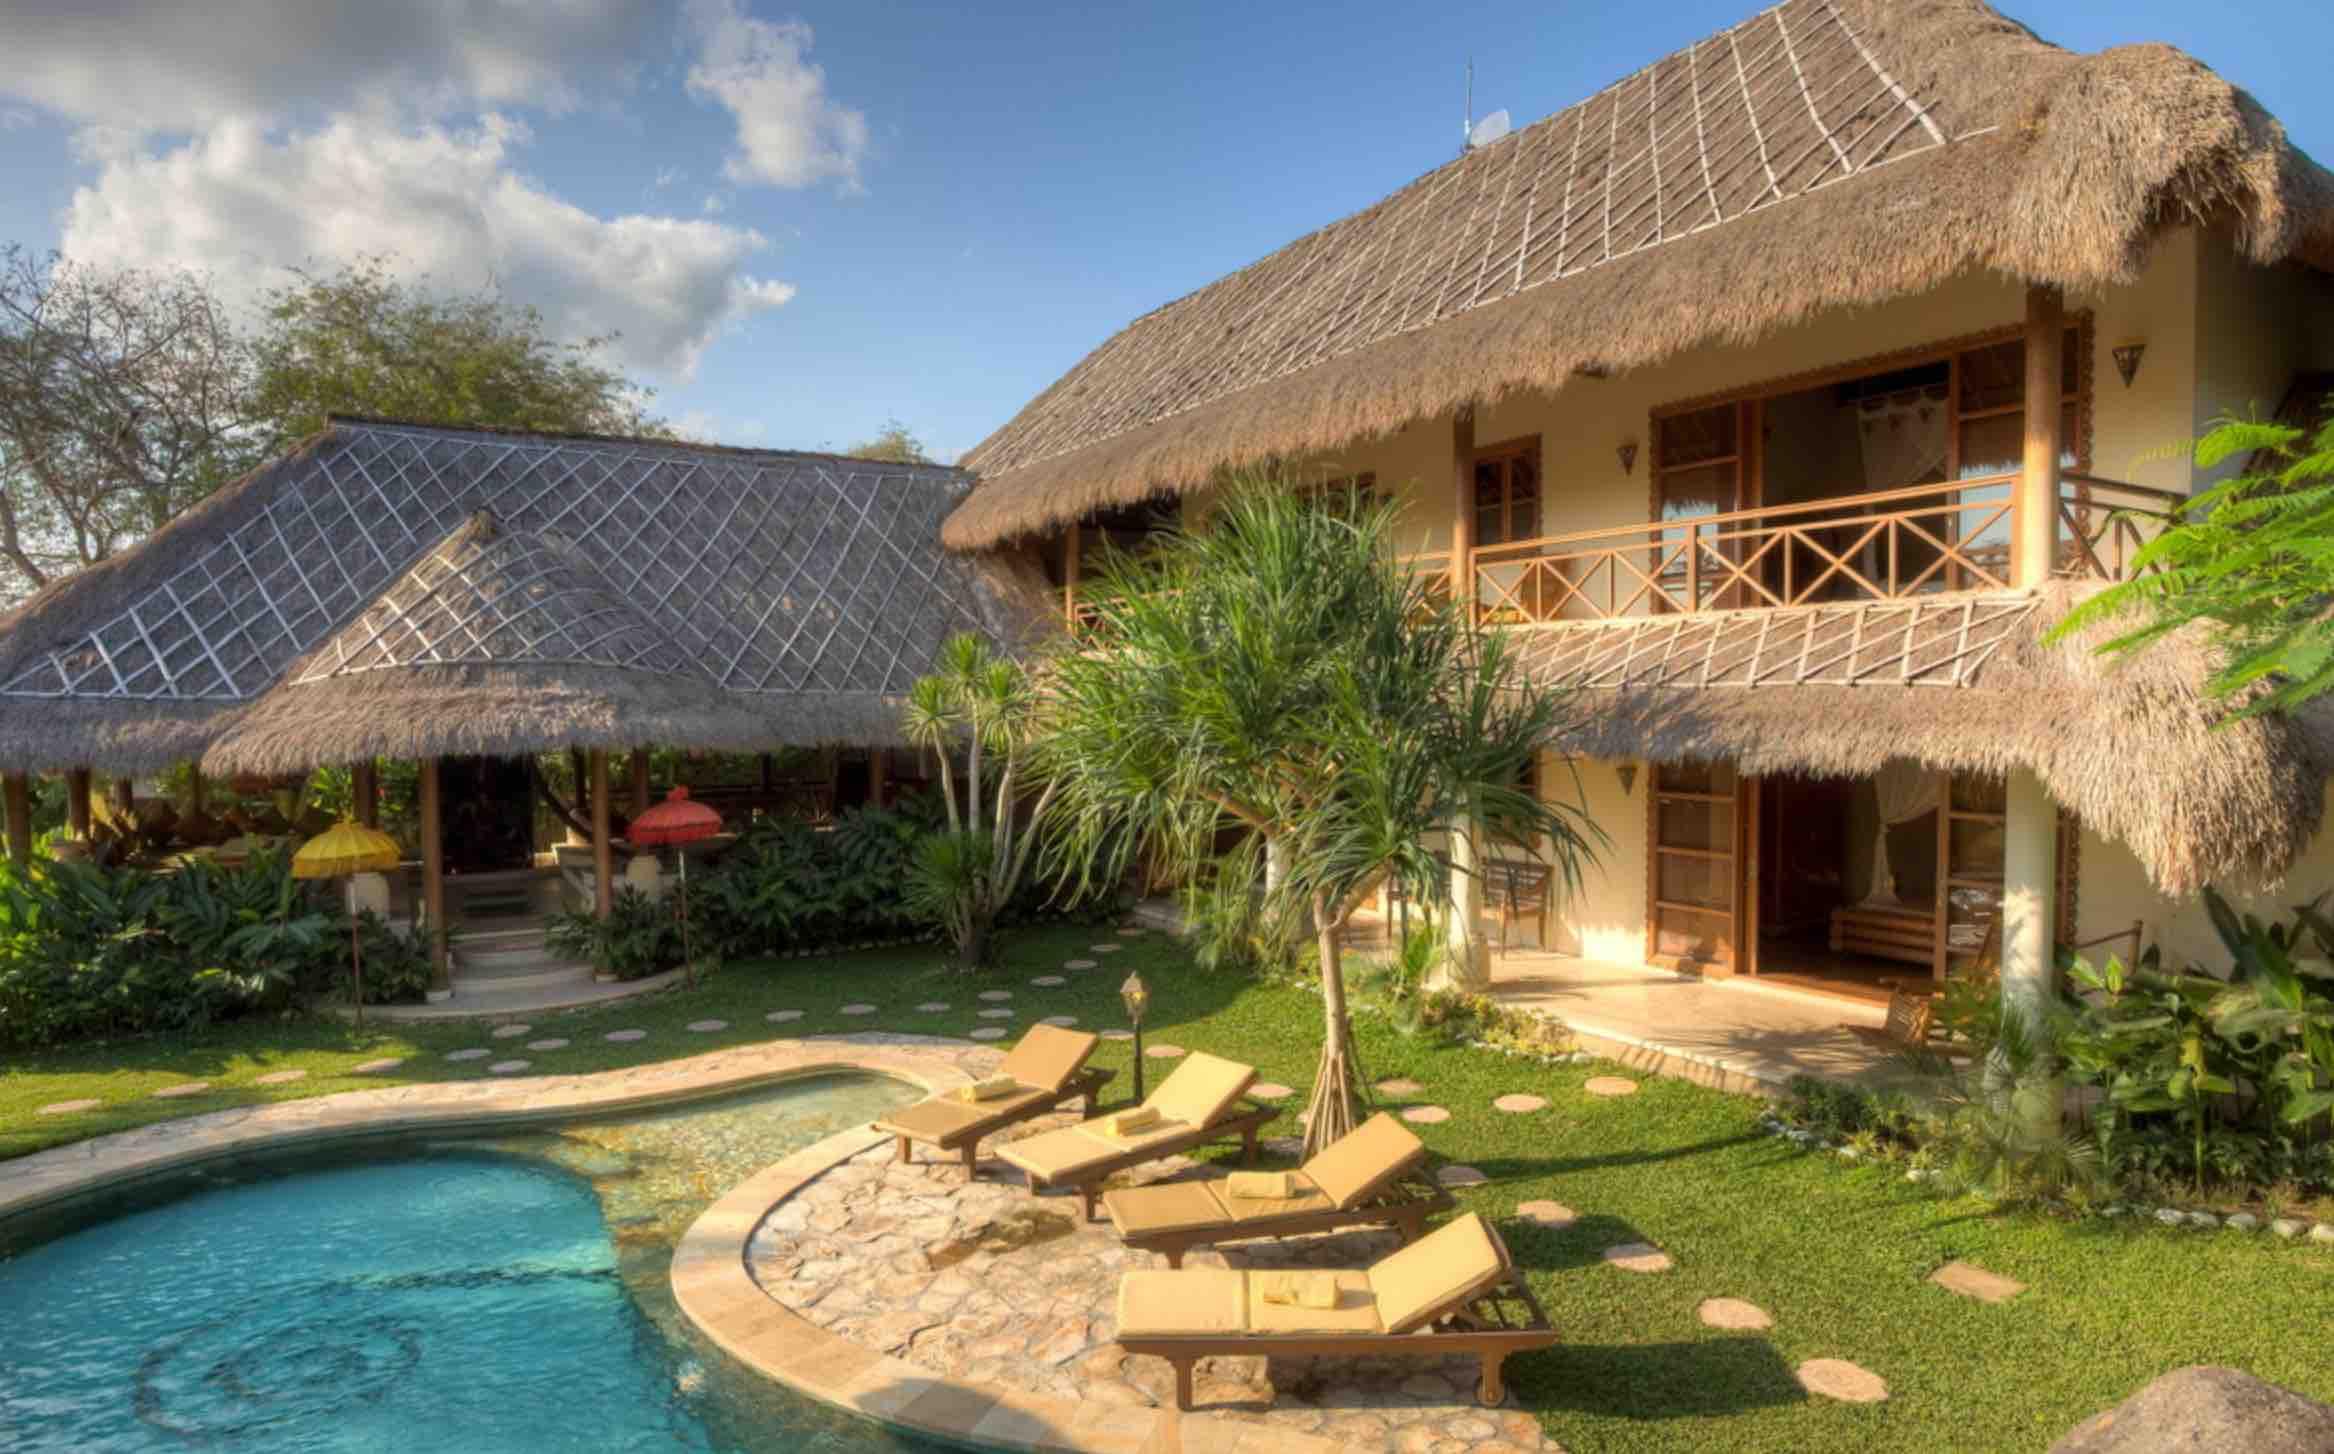 where to stay in Bali - villa santai in umalas